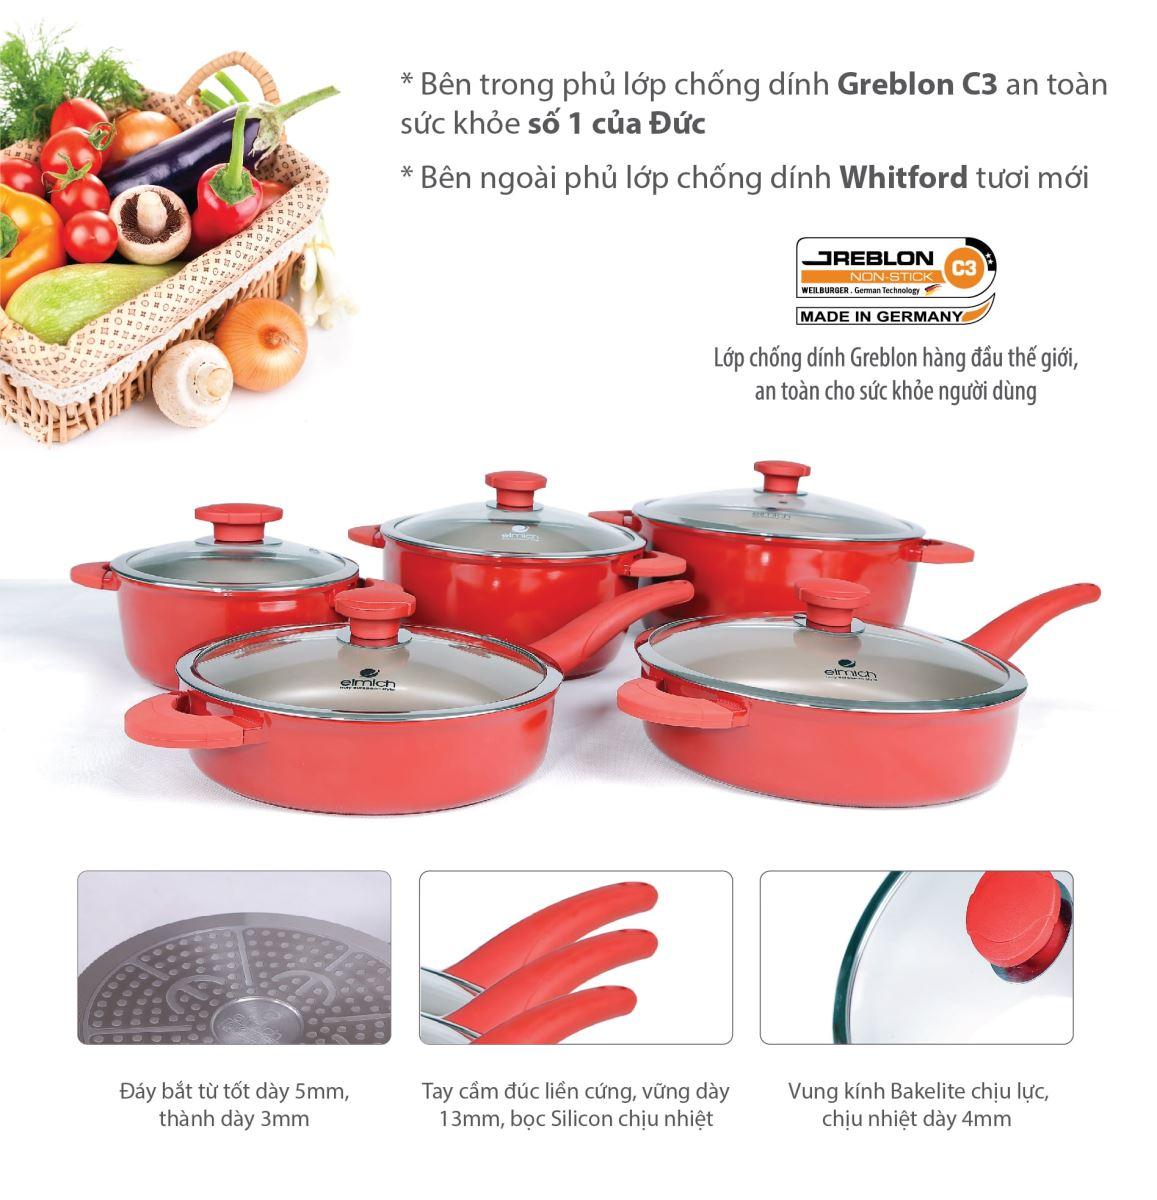 Bộ nồi chảo Elmich Vitaplus Fiore dùng cho bếp từ màu đỏ hấp dẫn